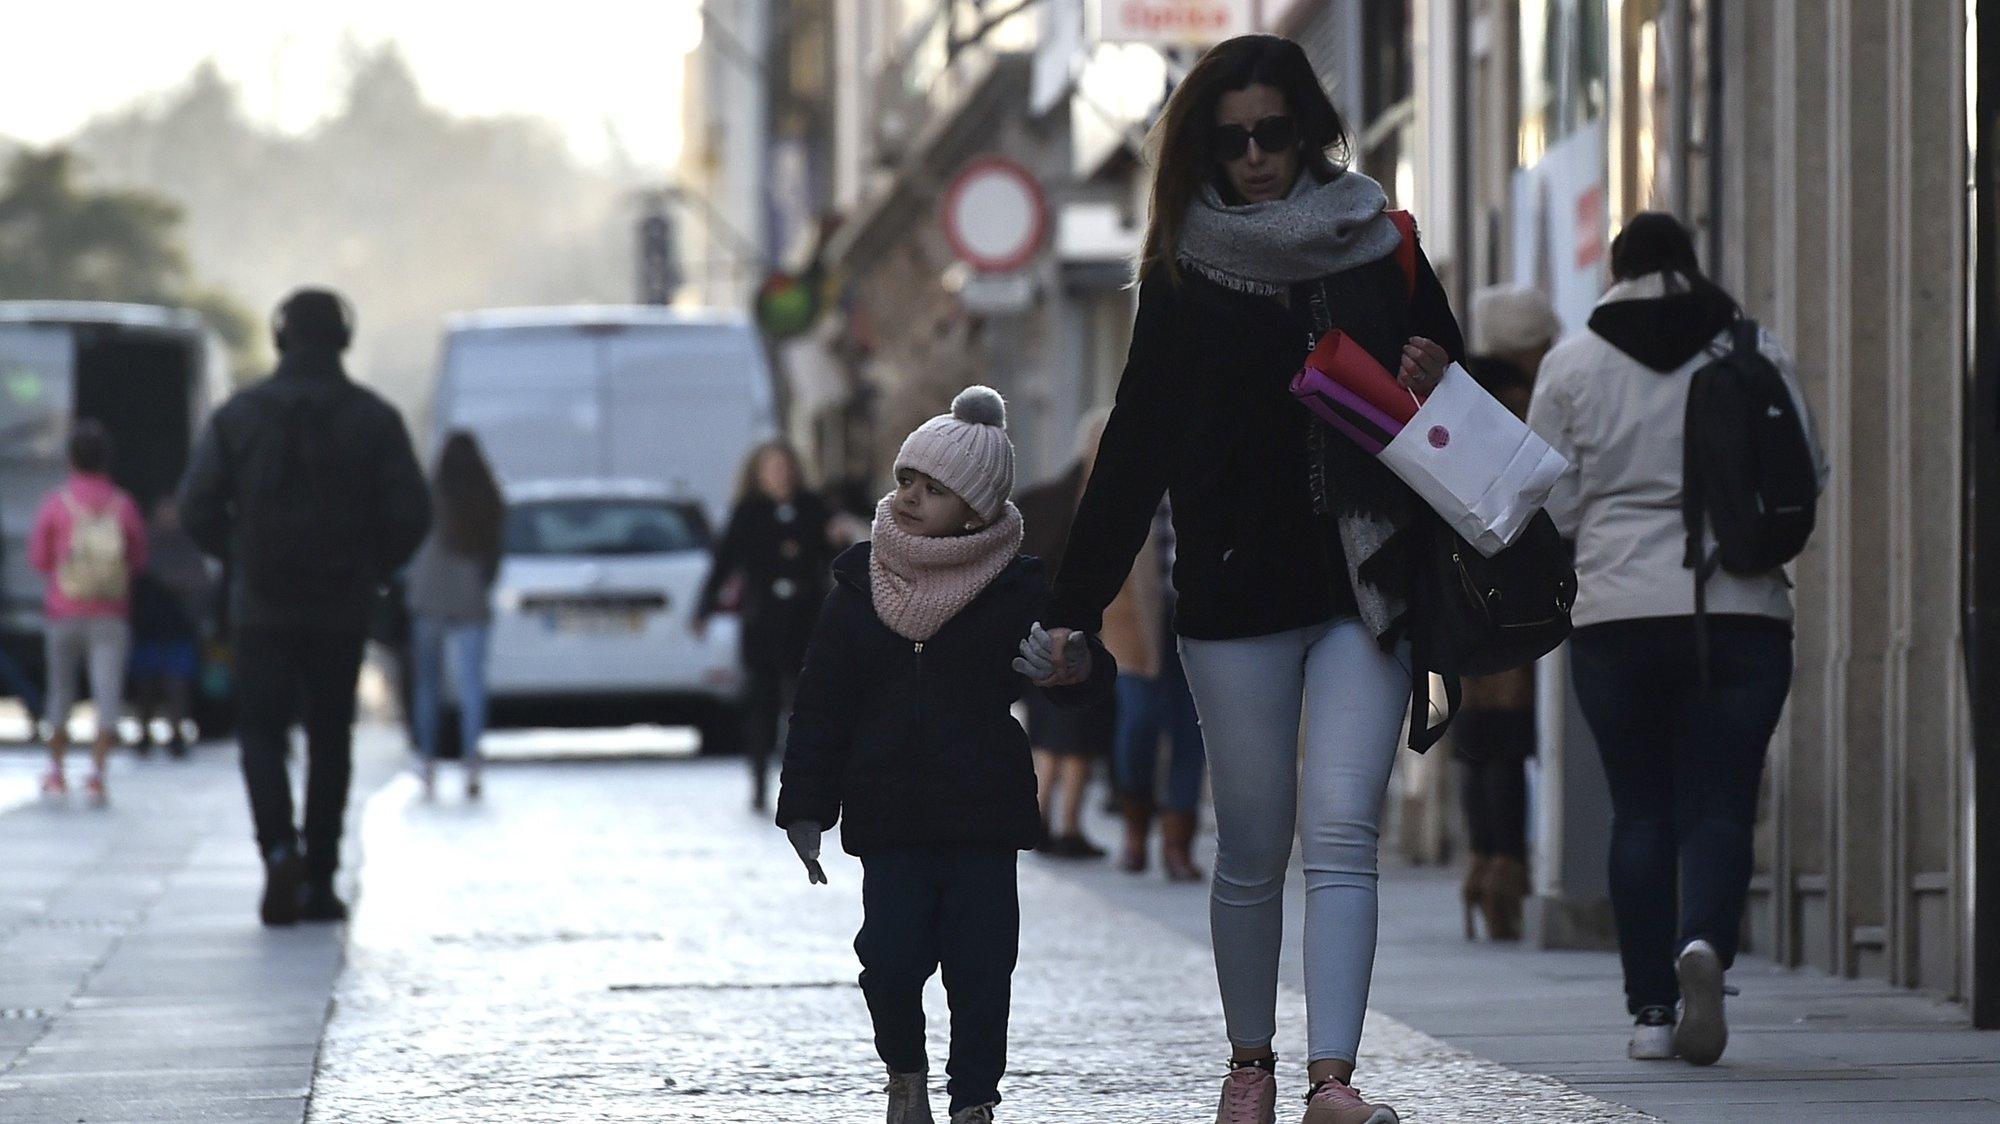 Populares protegem-se do frio durante a vaga de frio que está a atingir o país, em Viseu, 07 de fevereiro de 2018. O território de Portugal continental está todo sob aviso amarelo por persistência de valores baixos da temperatura mínima até ao início do dia de quinta-feira. NUNO ANDRÉ FERREIRA/LUSA